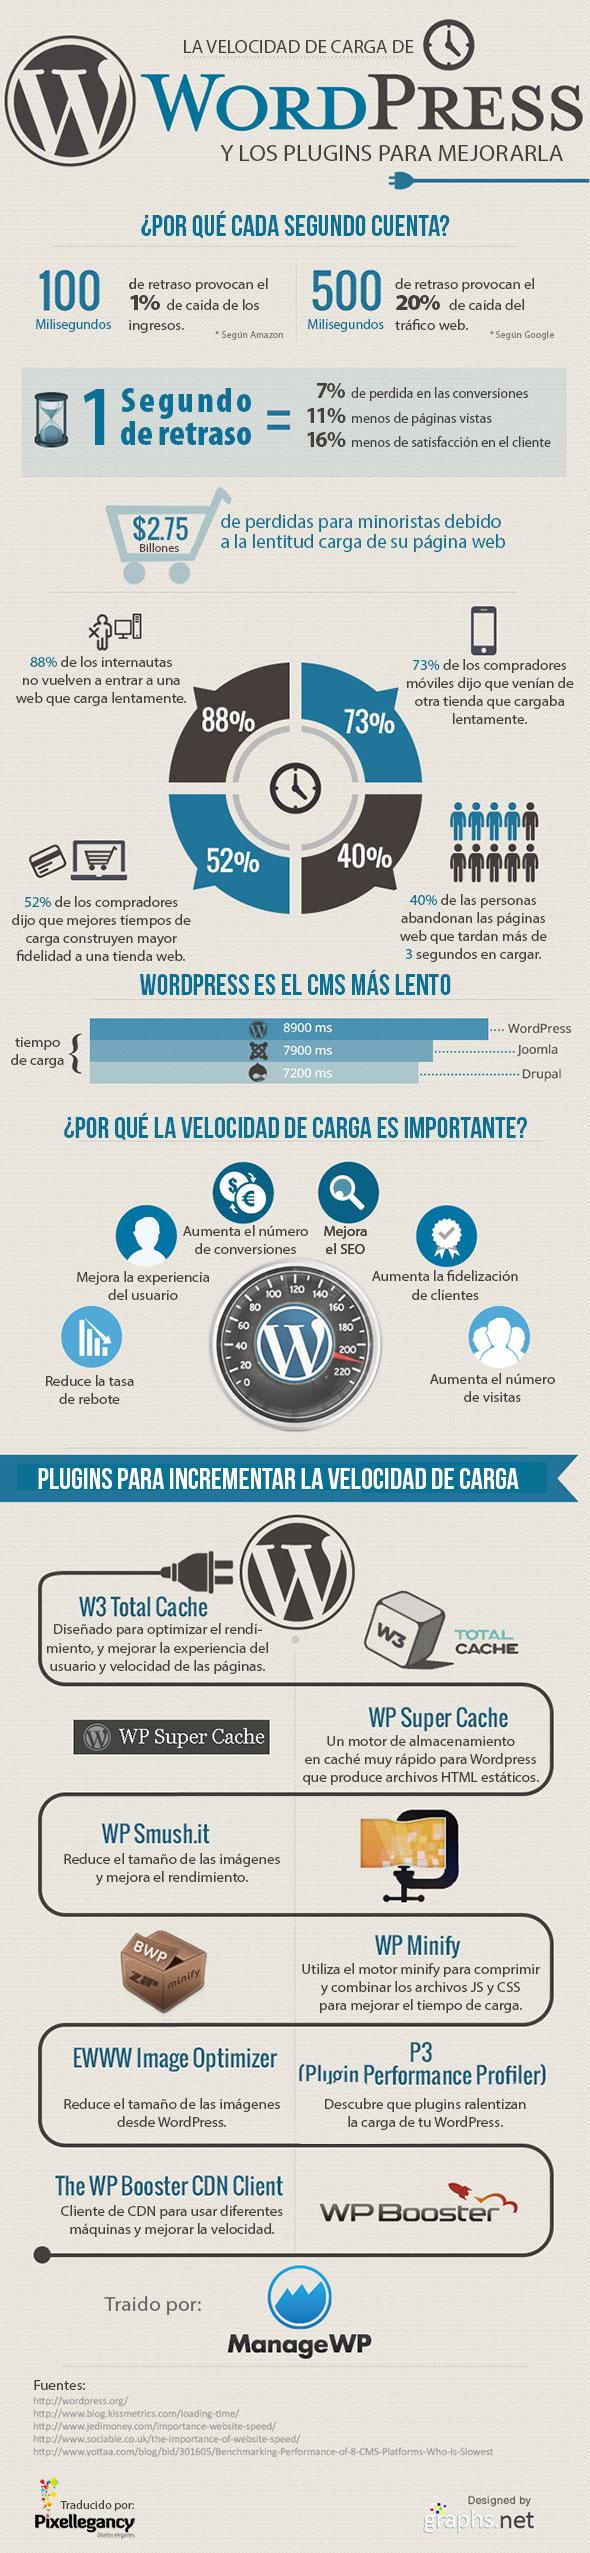 La importancia de la velocidad de carga en WordPress